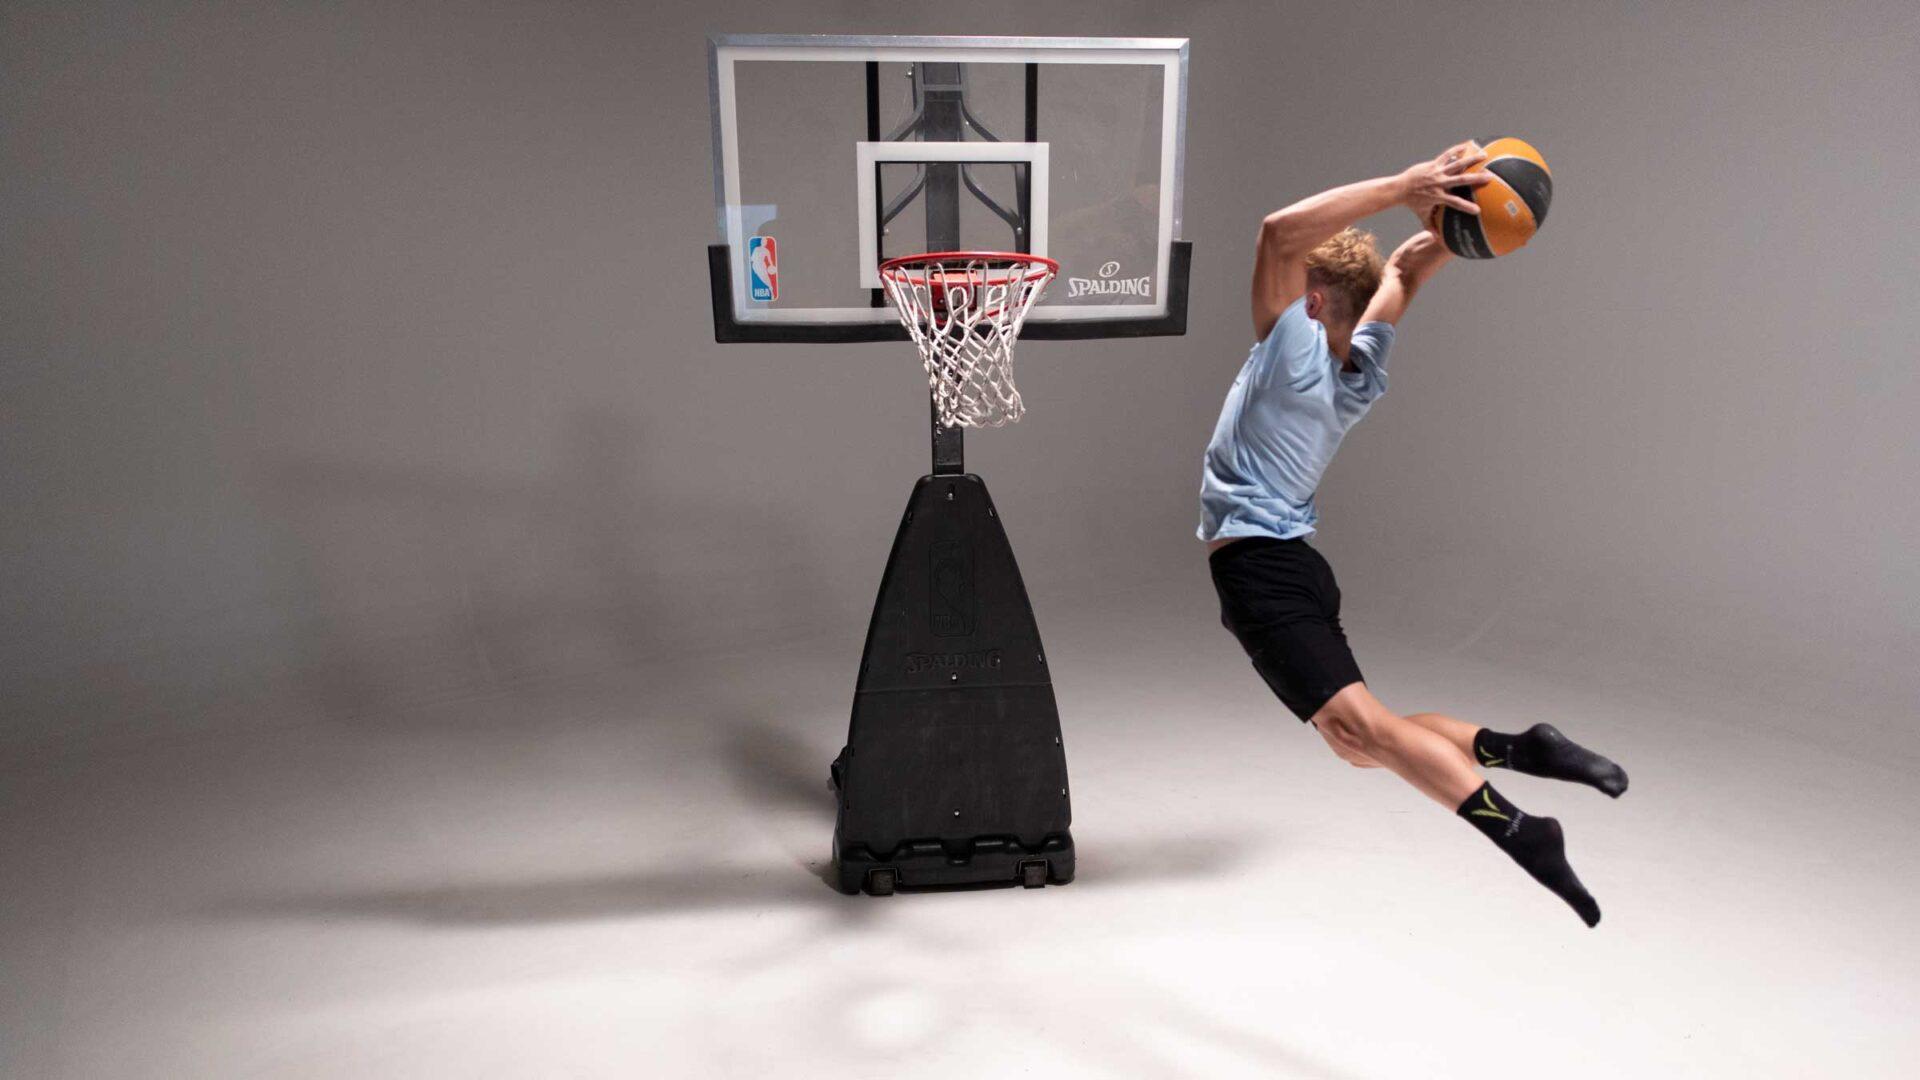 dreng spiller basket